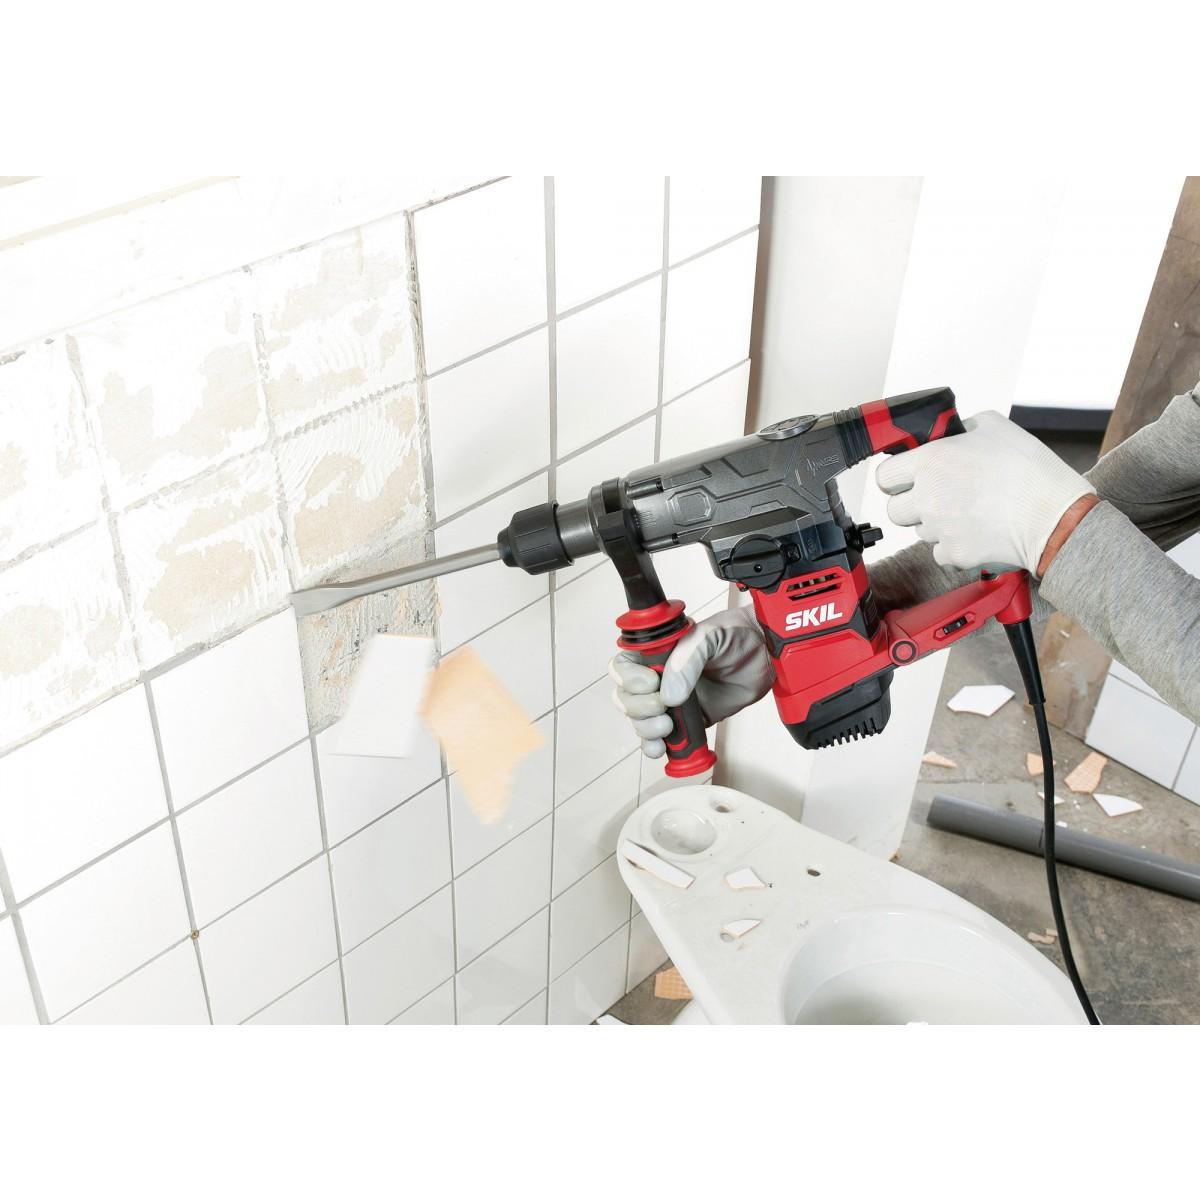 Perforateur Skil 1781 GB - 1500 W